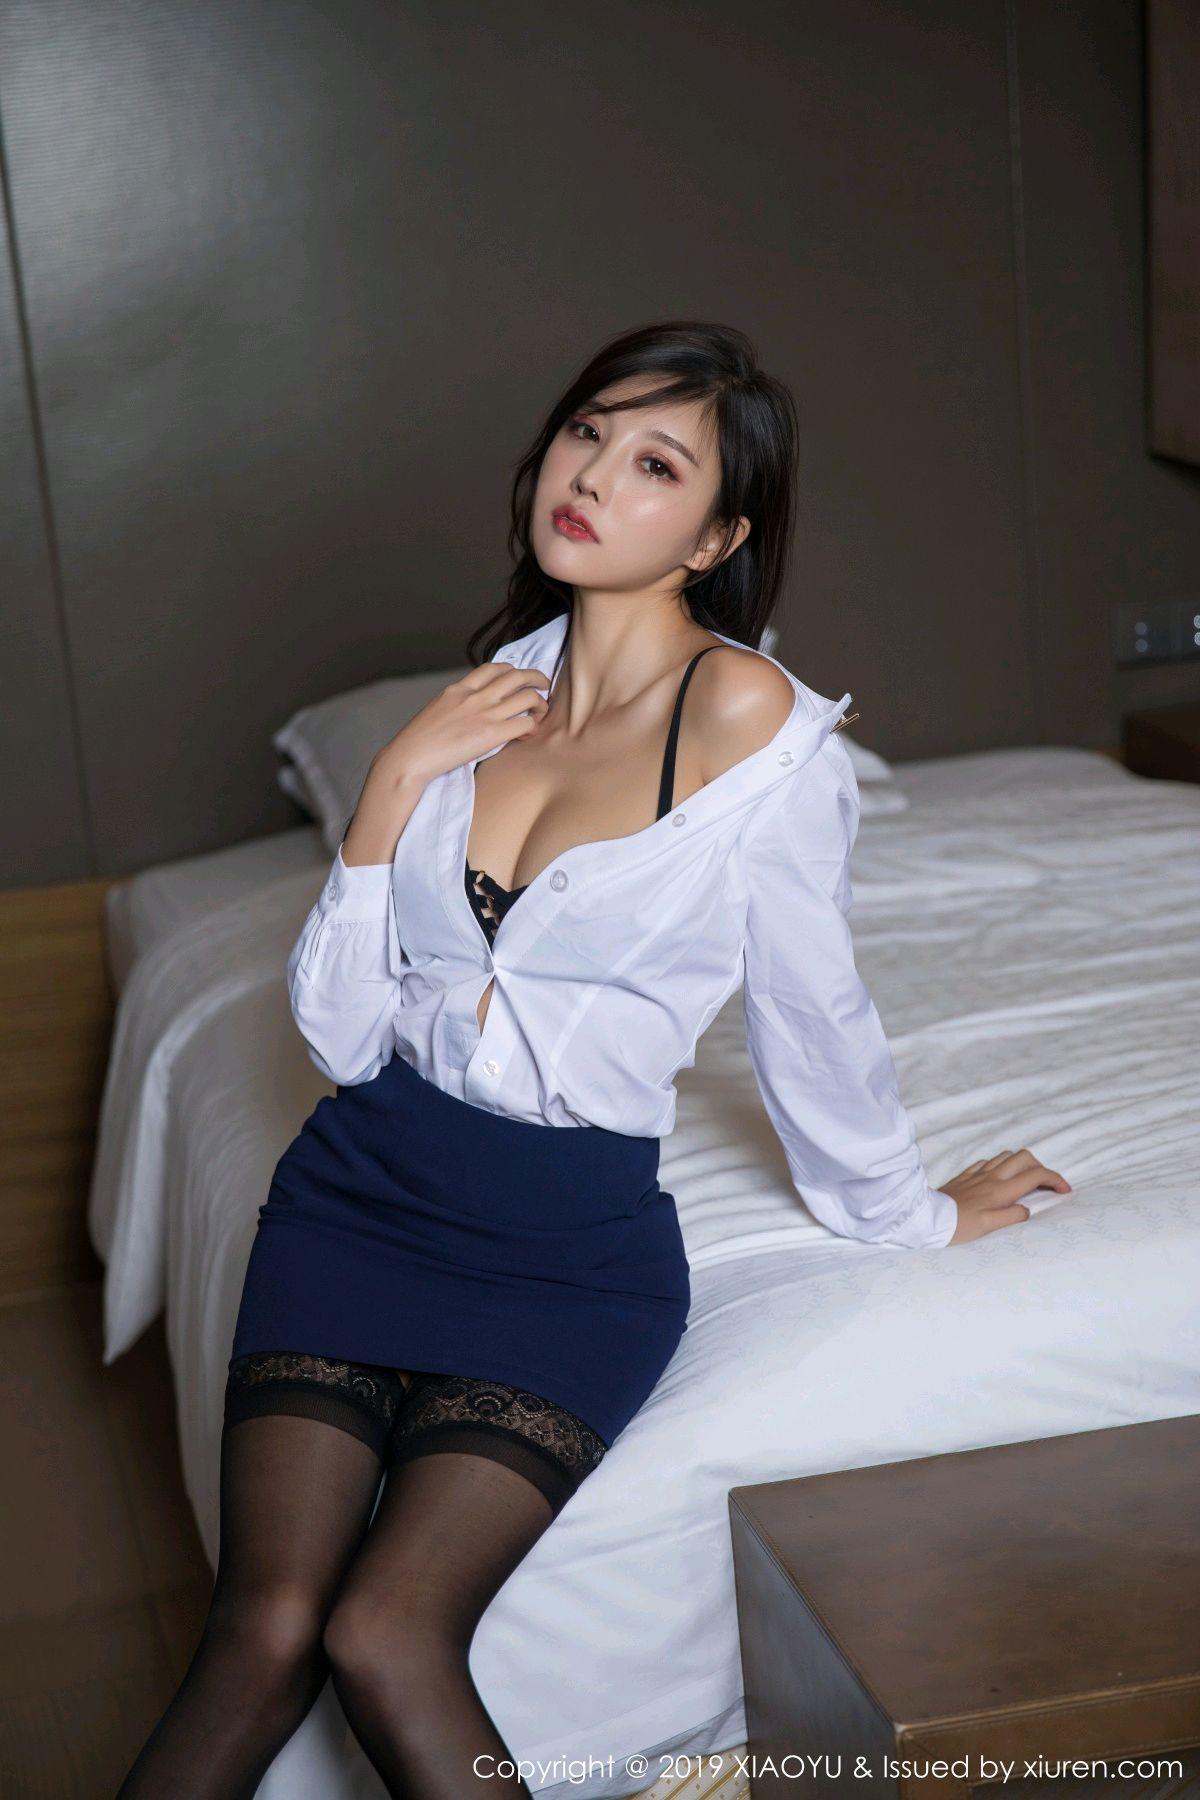 [XiaoYu] Vol.005 Yang Chen Chen 26P, Black Silk, Tall, Uniform, XiaoYu, Yang Chen Chen